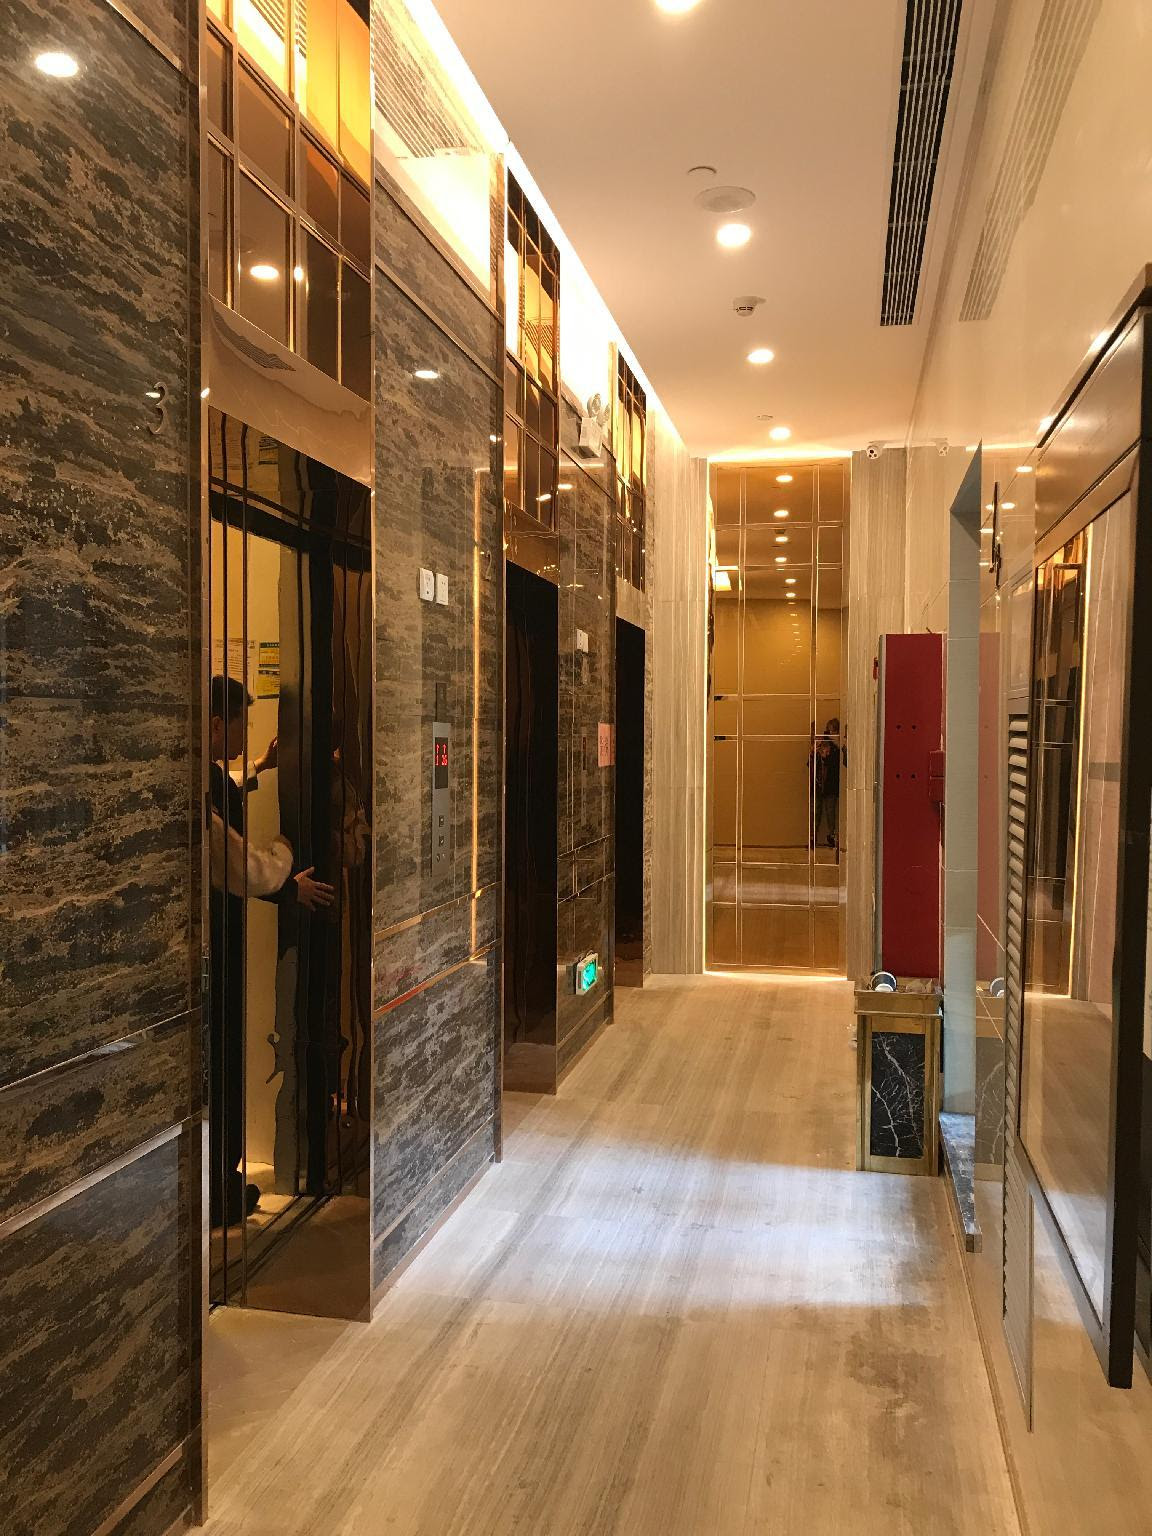 Review Nomo Residence Zhuguang New Town Royal Garden Guangzhou